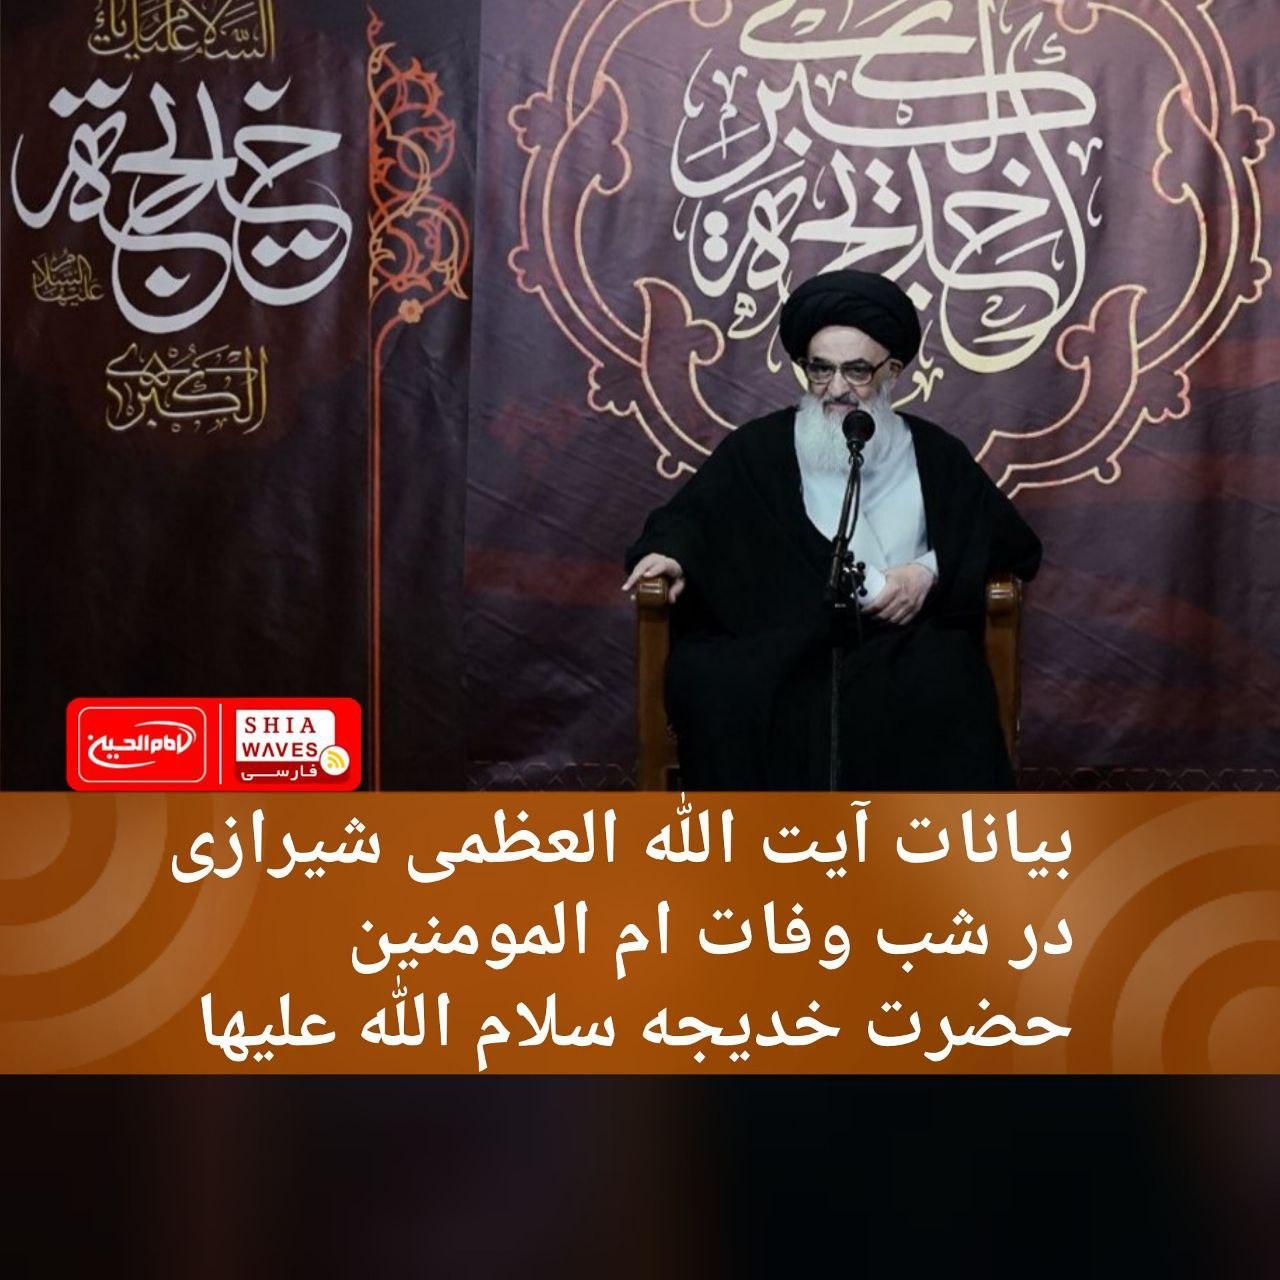 تصویر بیانات آیت الله العظمی شیرازی در شب وفات ام المومنین حضرت خدیجه سلام الله علیها